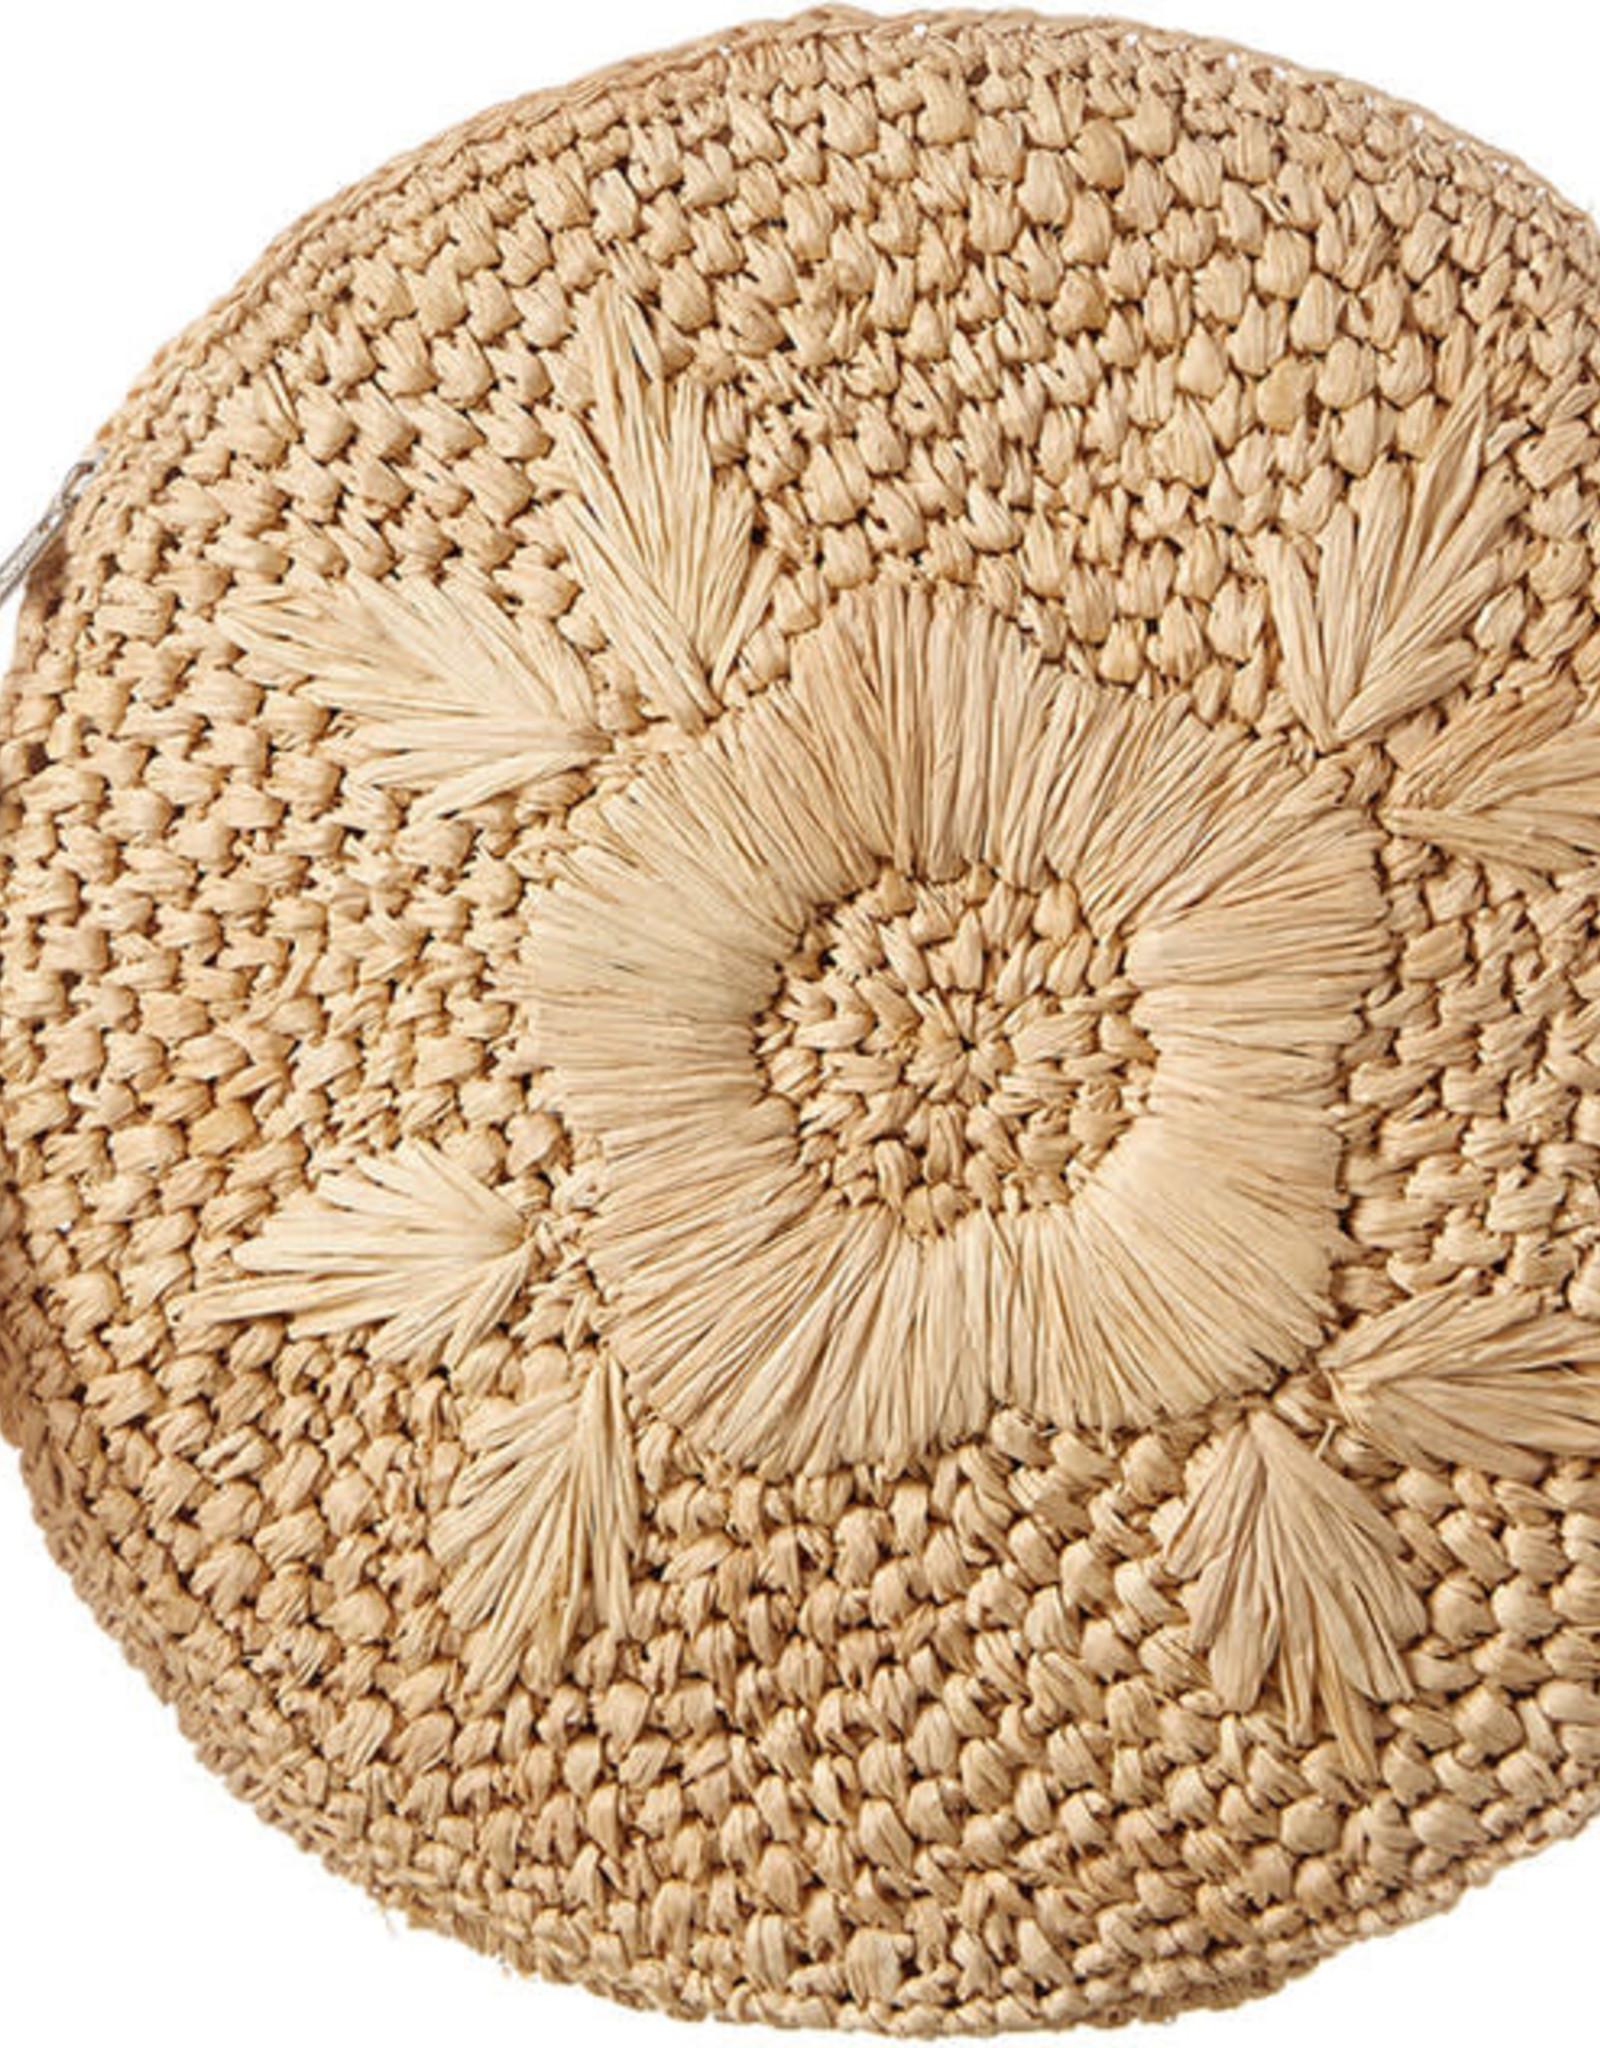 Gifts Luna Circle Clutch in Natural